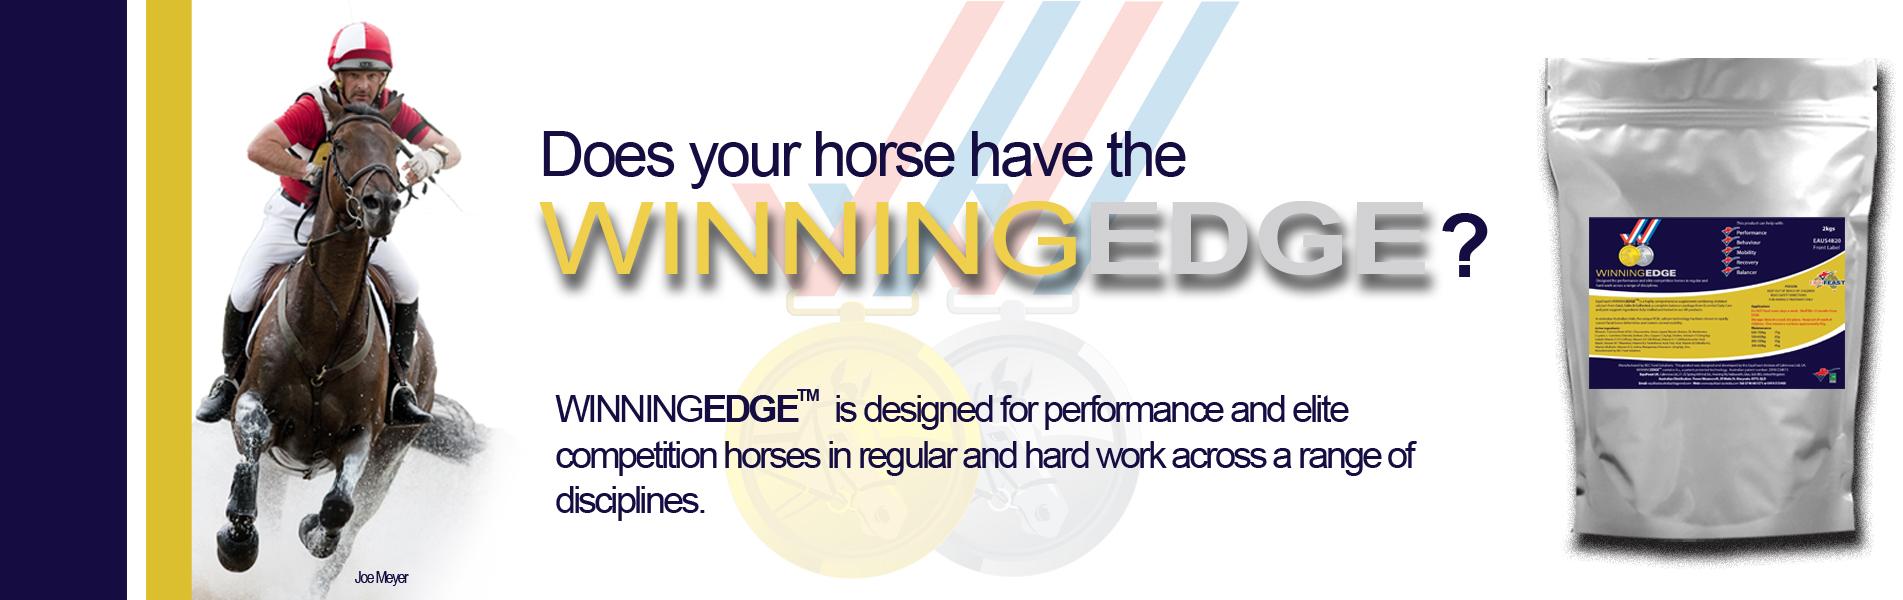 winningedge-banner.jpg